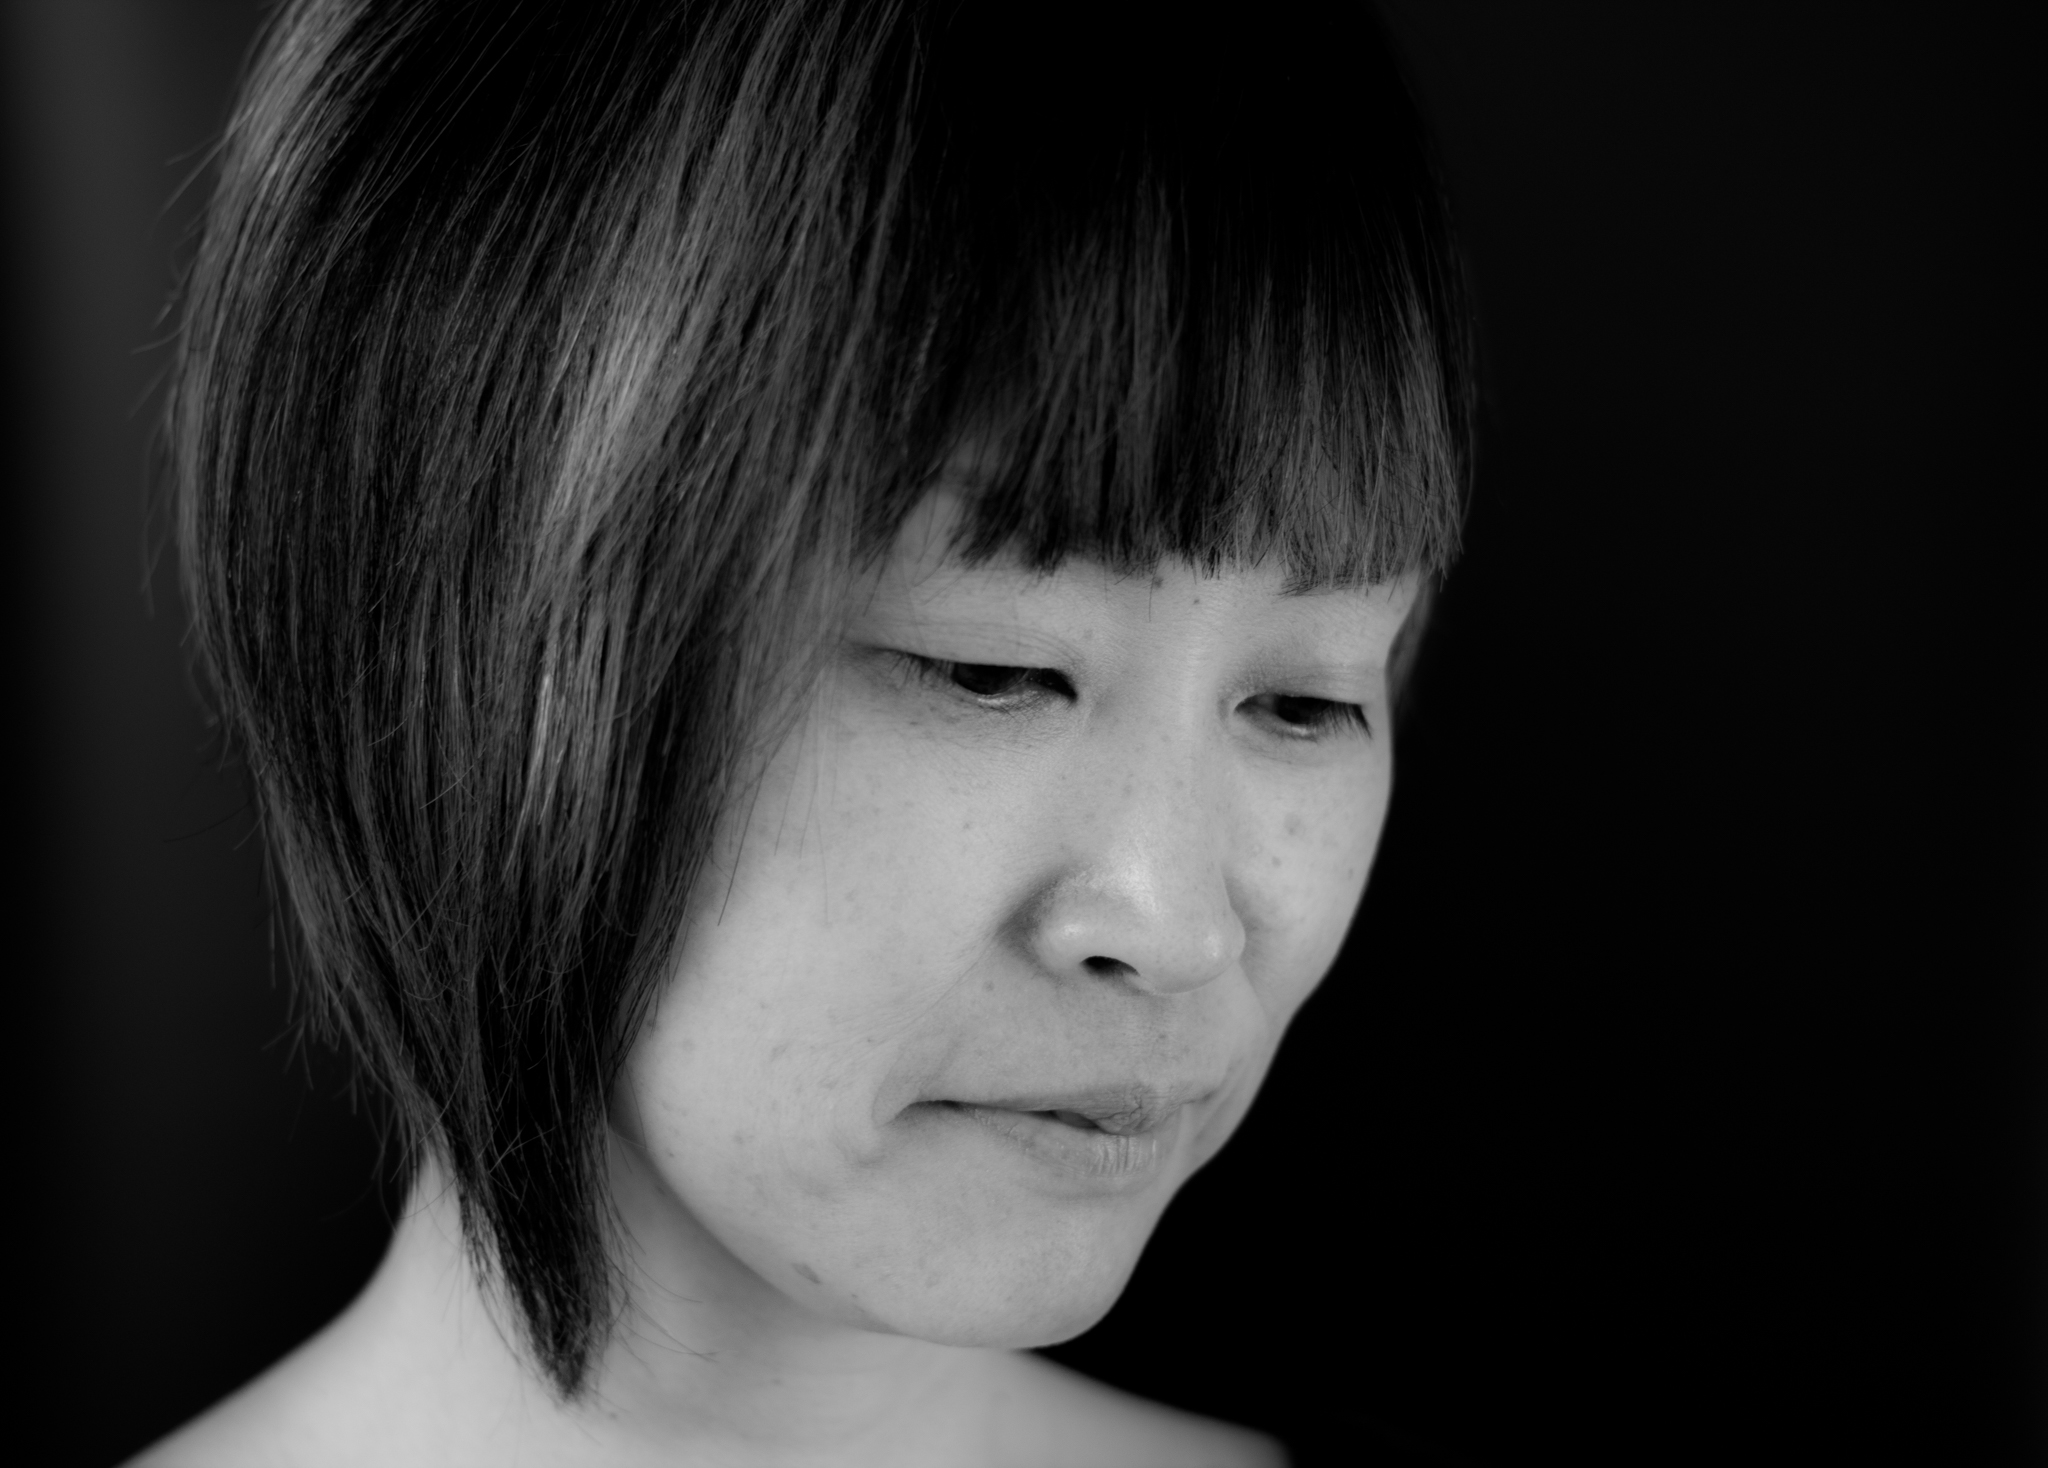 Project: Portraits, Mayuko